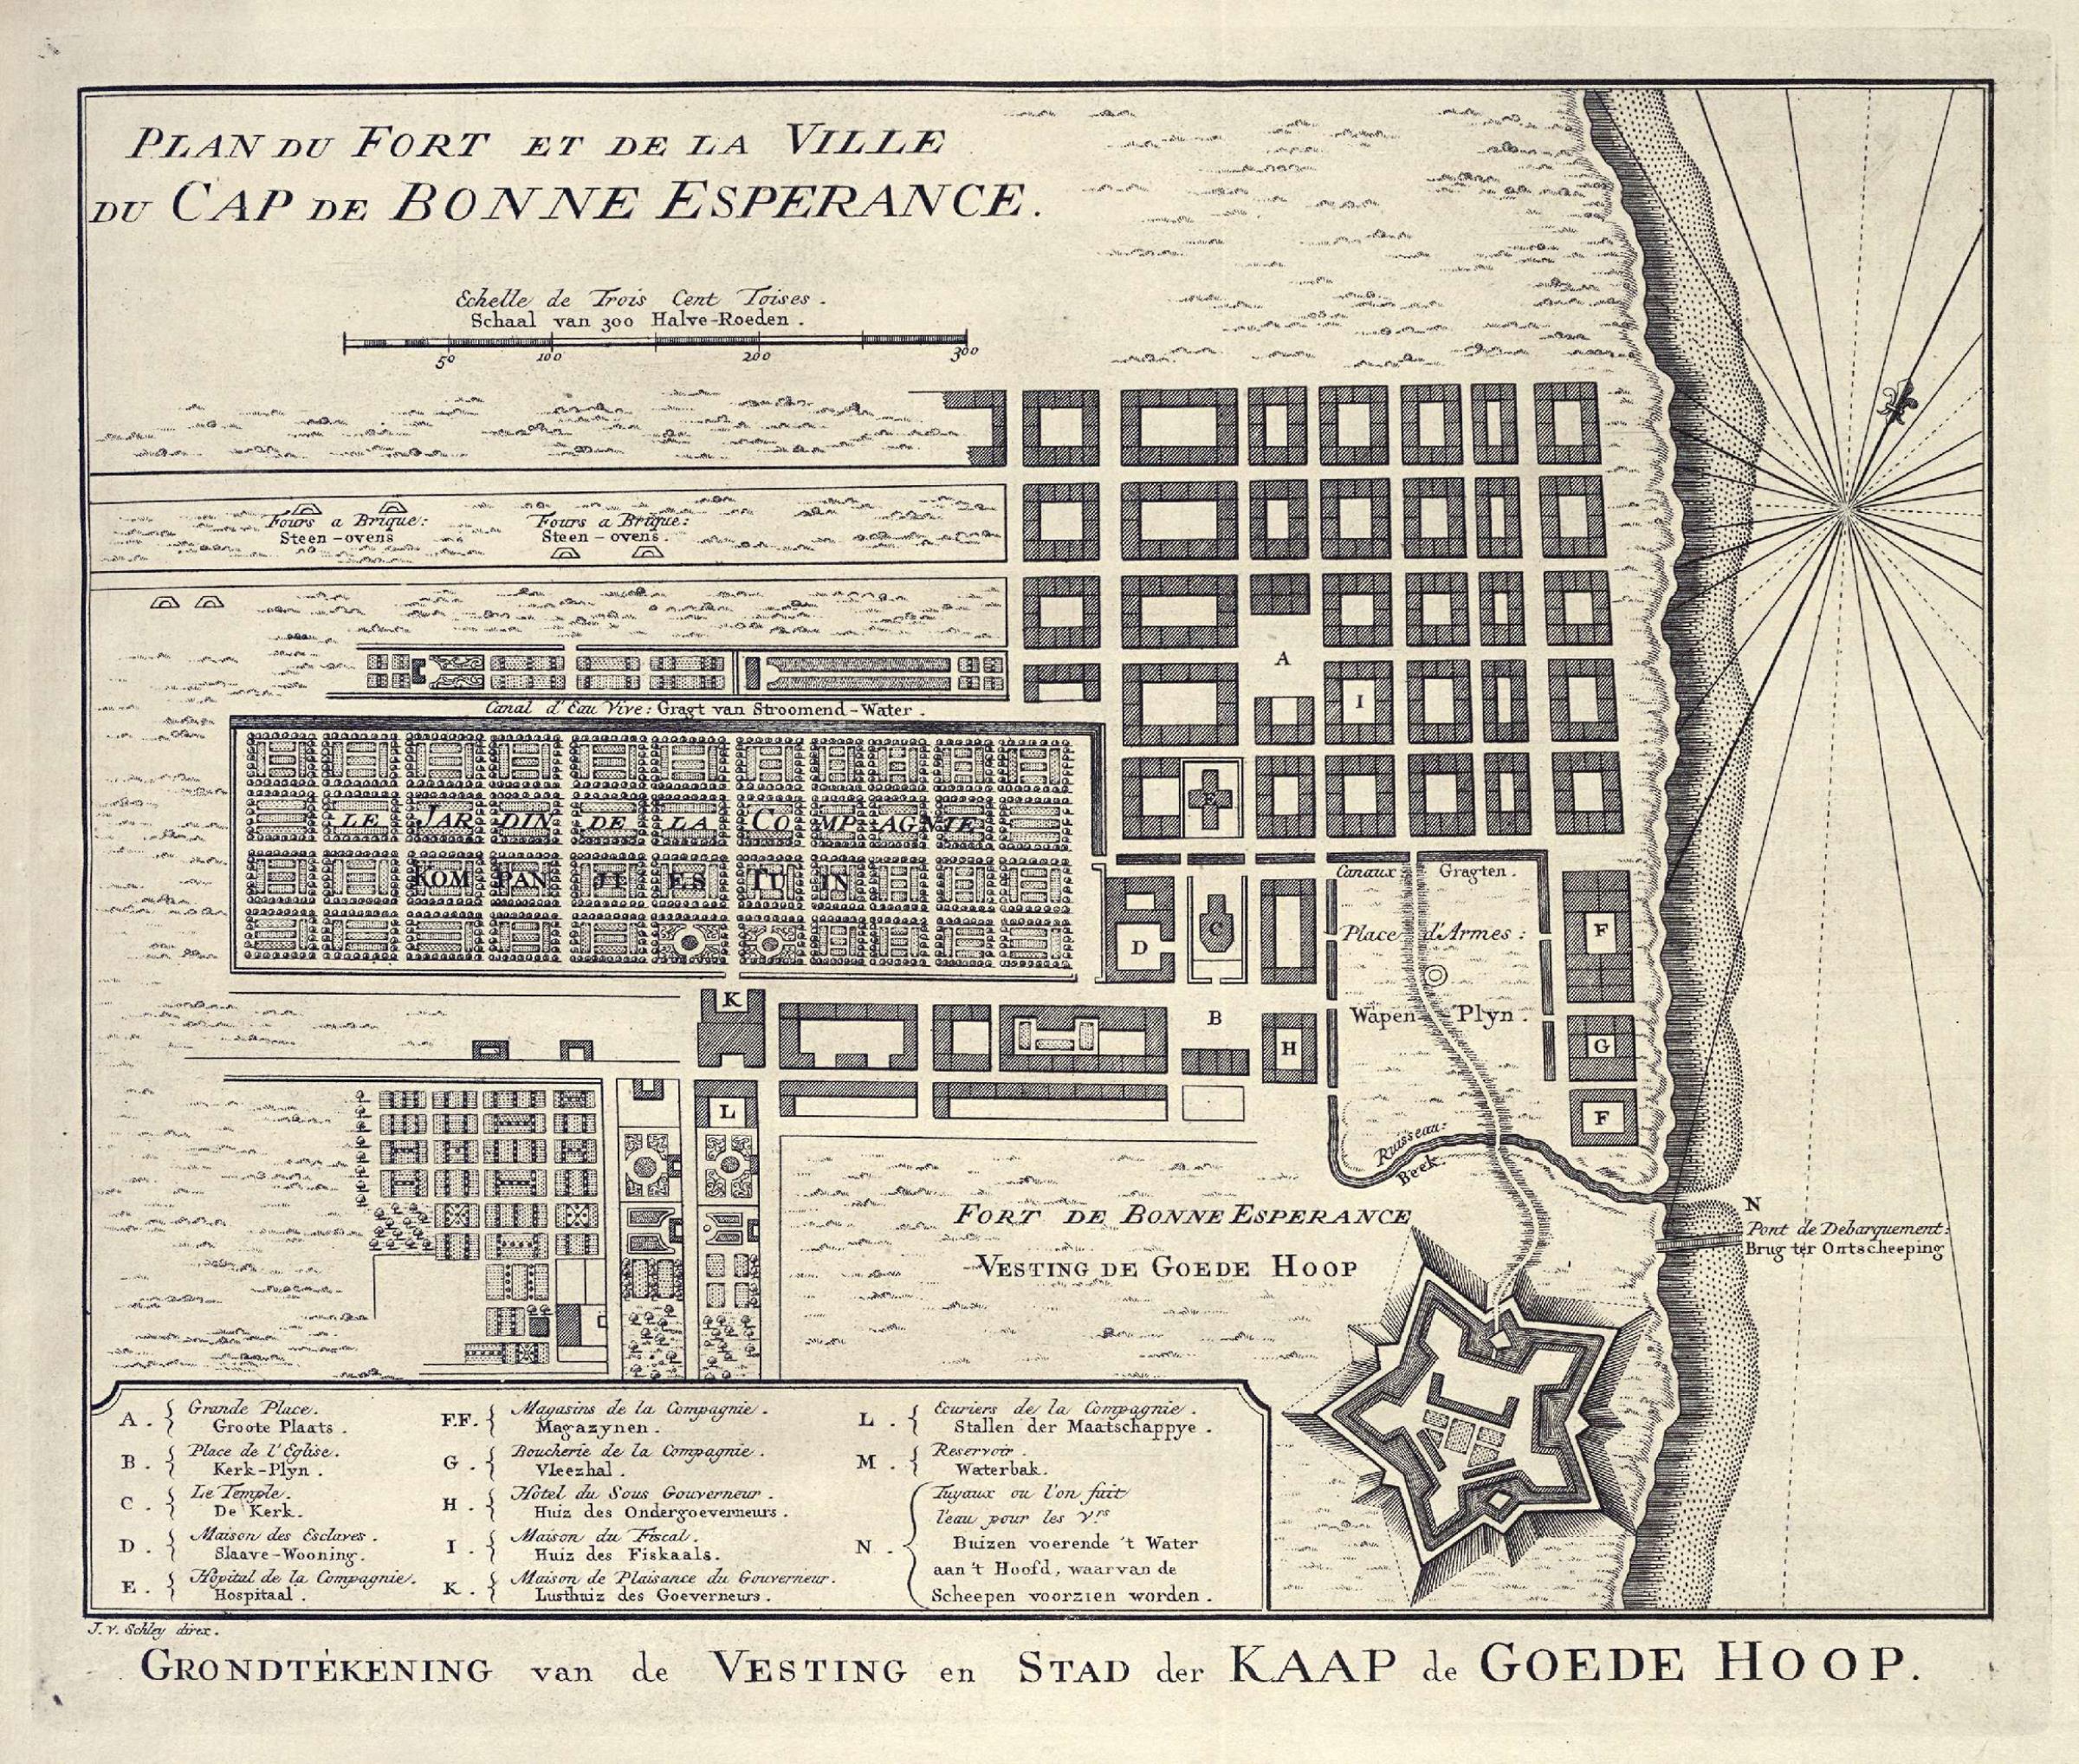 Kaart van Kaapstad en Fort Kaap de Goede Hoop door Jacob van der Schley. Beeld: Koninklijke Bibliotheek.